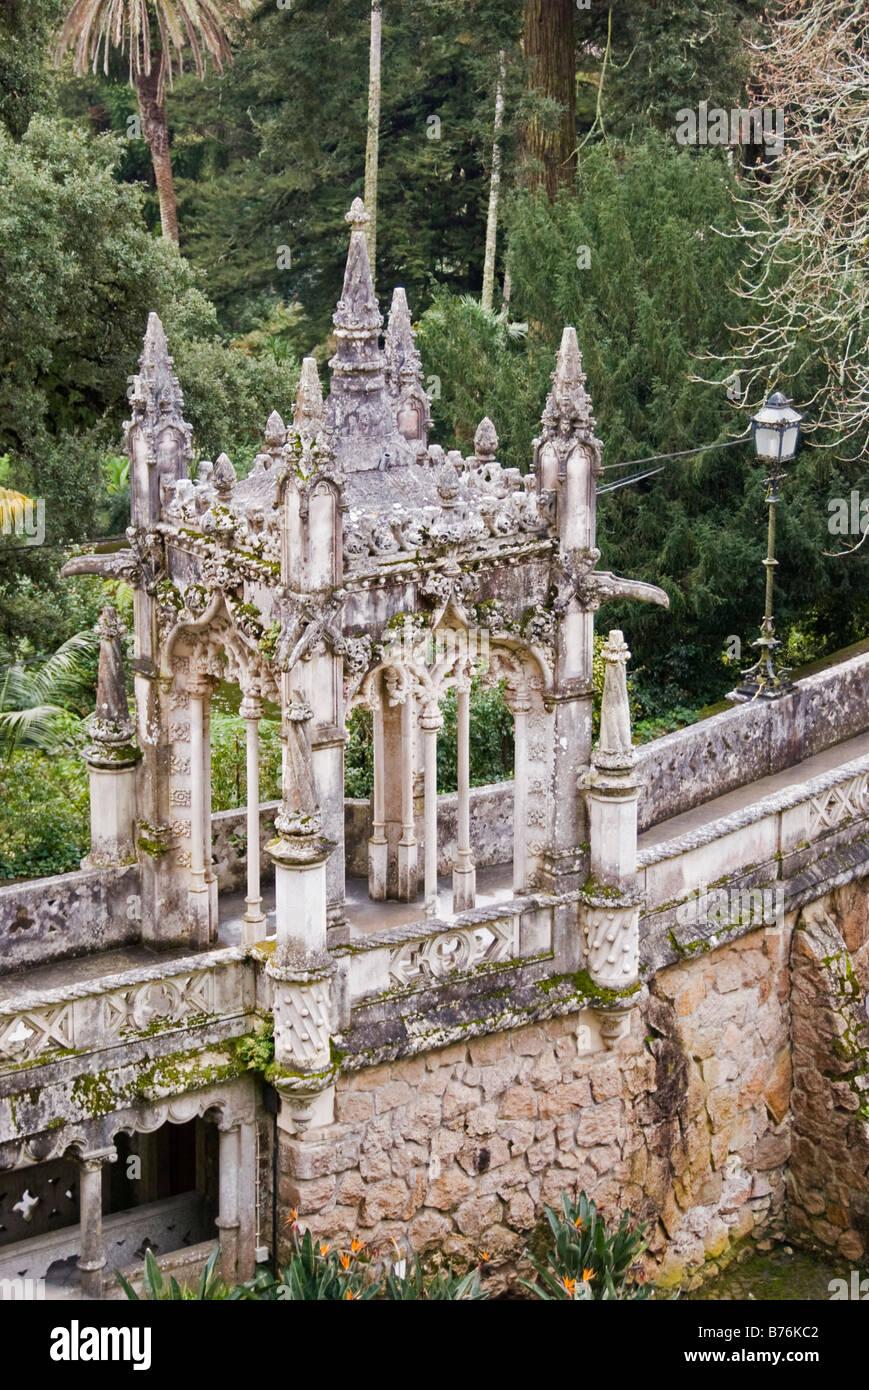 Quinta da Regaleira, Sintra, Portugal. Built 1904-1910 by Carvalho Monteiro and the architect Luigi Manini. - Stock Image